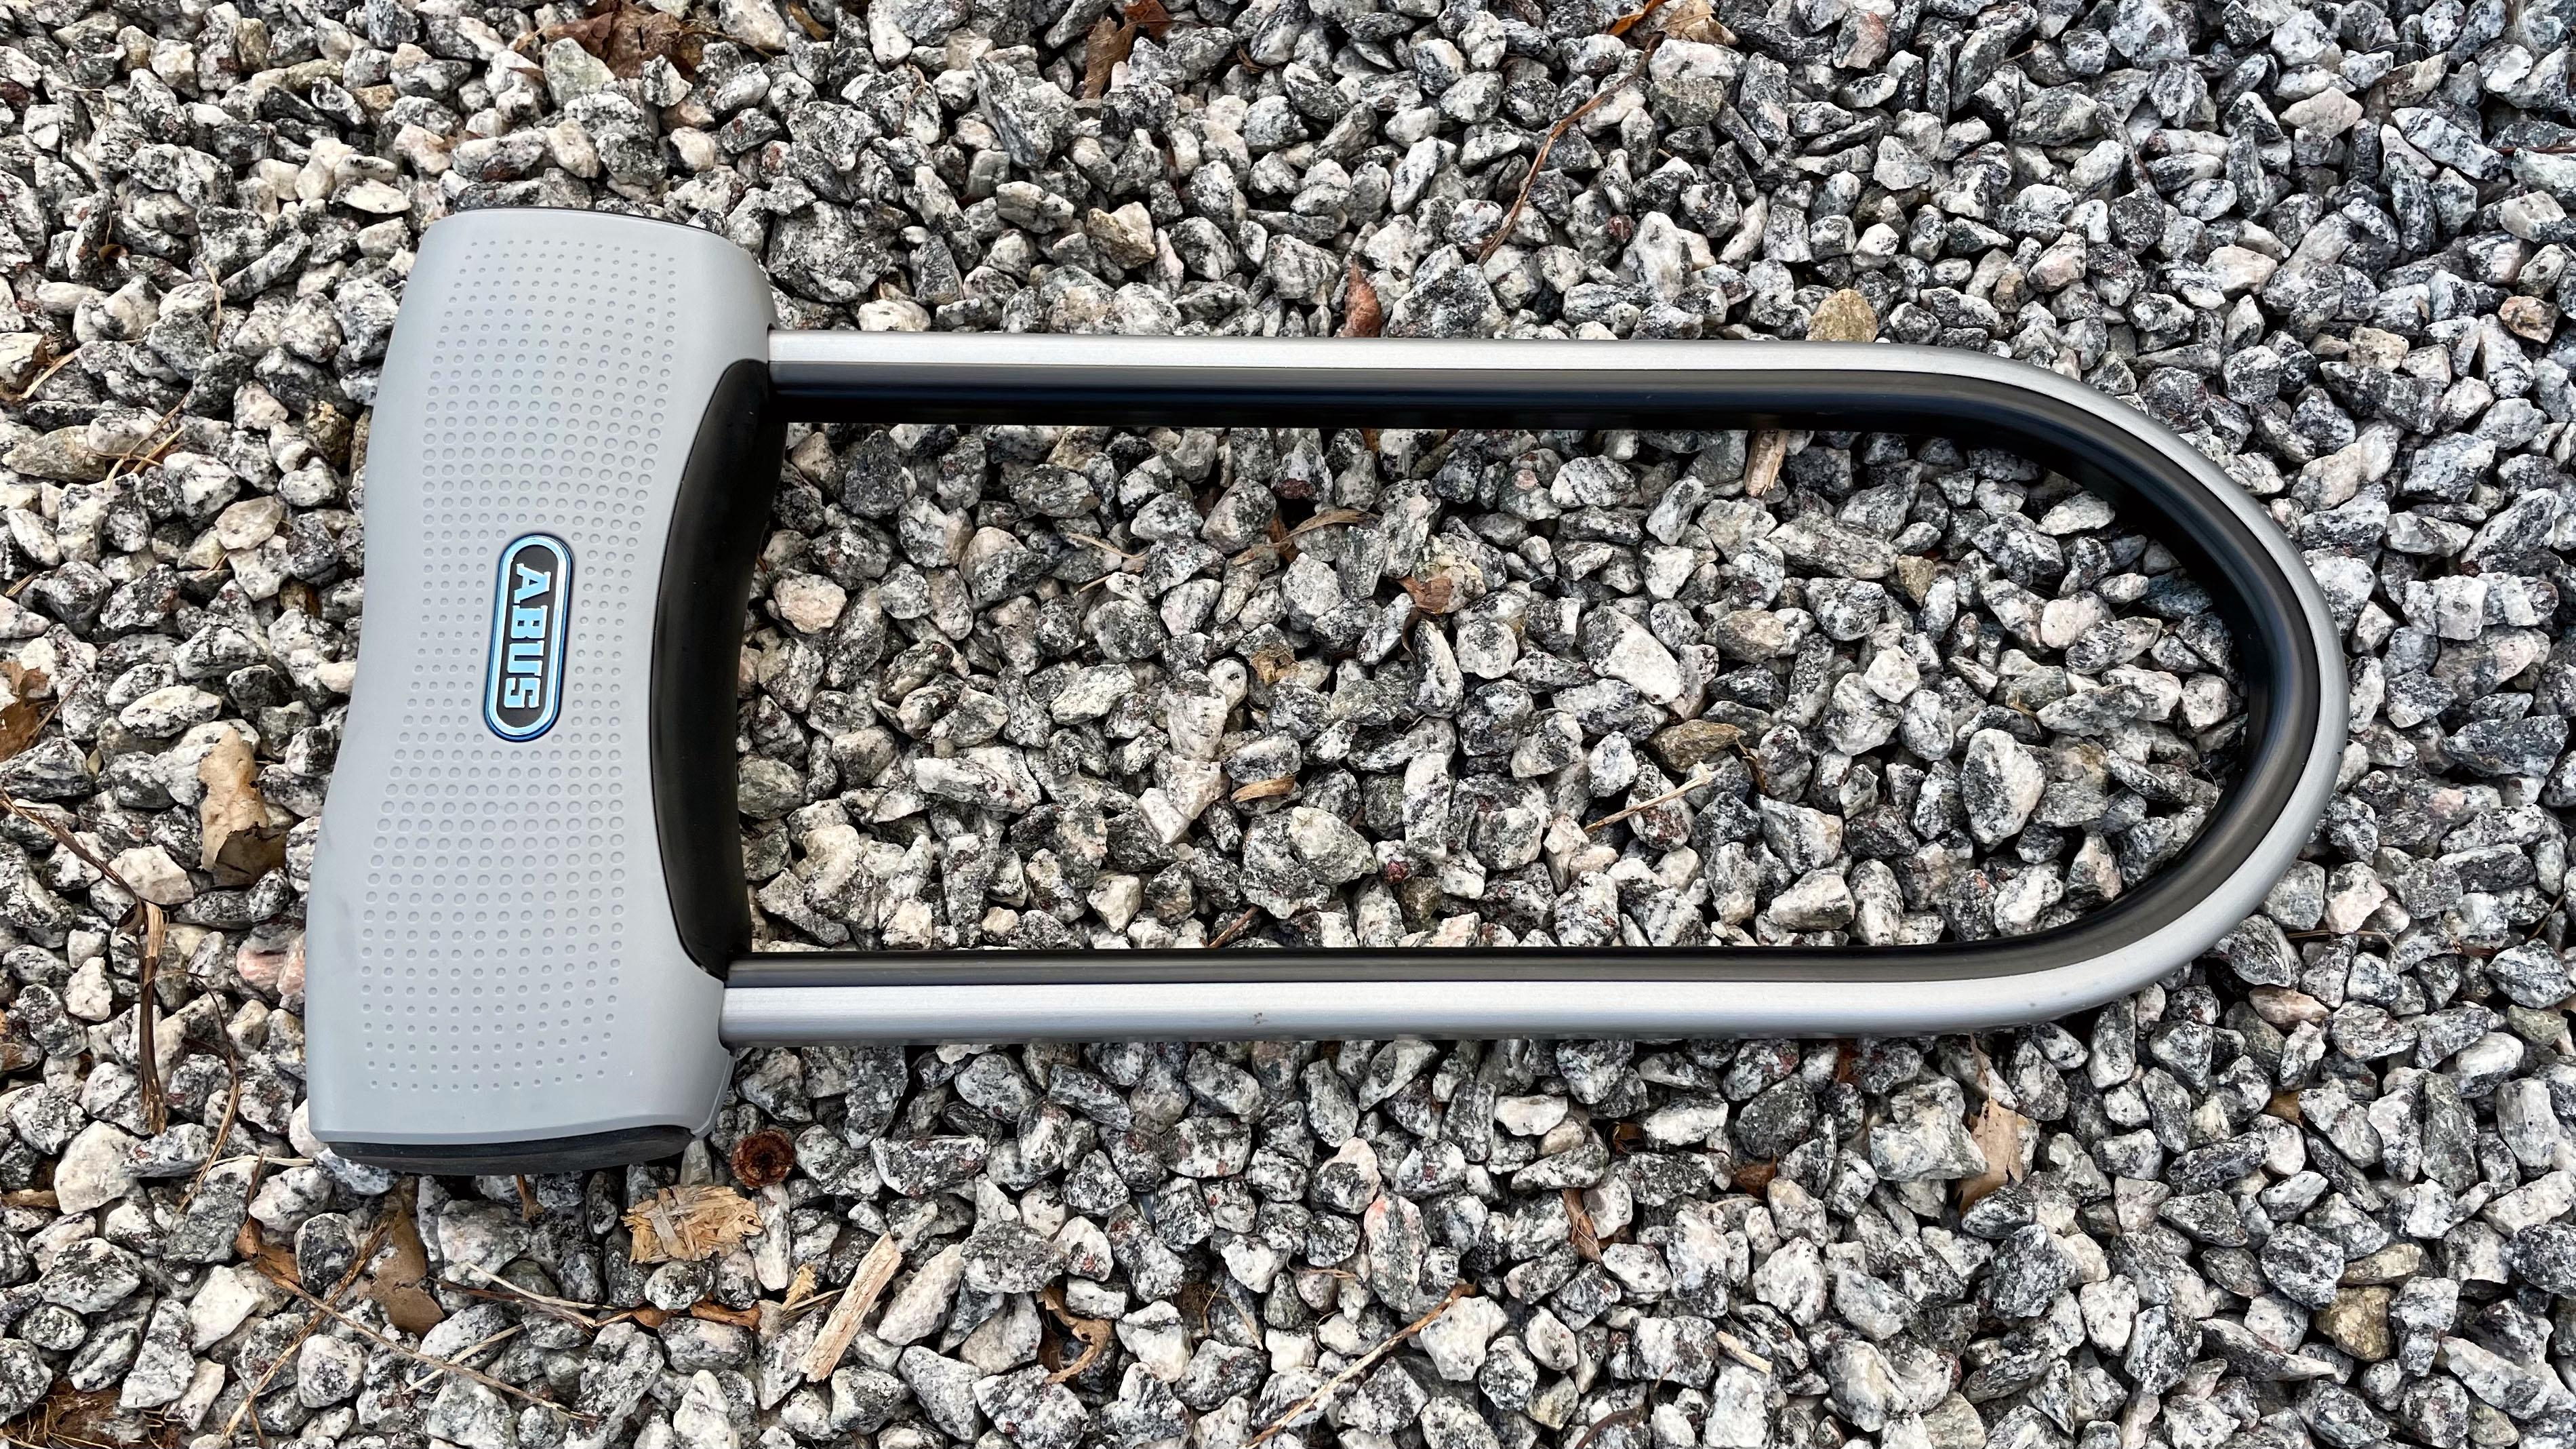 Bøylelåser kommer også i en rekke varianter. Her ser du Abus sin SmartX 770A som brukes med app, og har alarm.